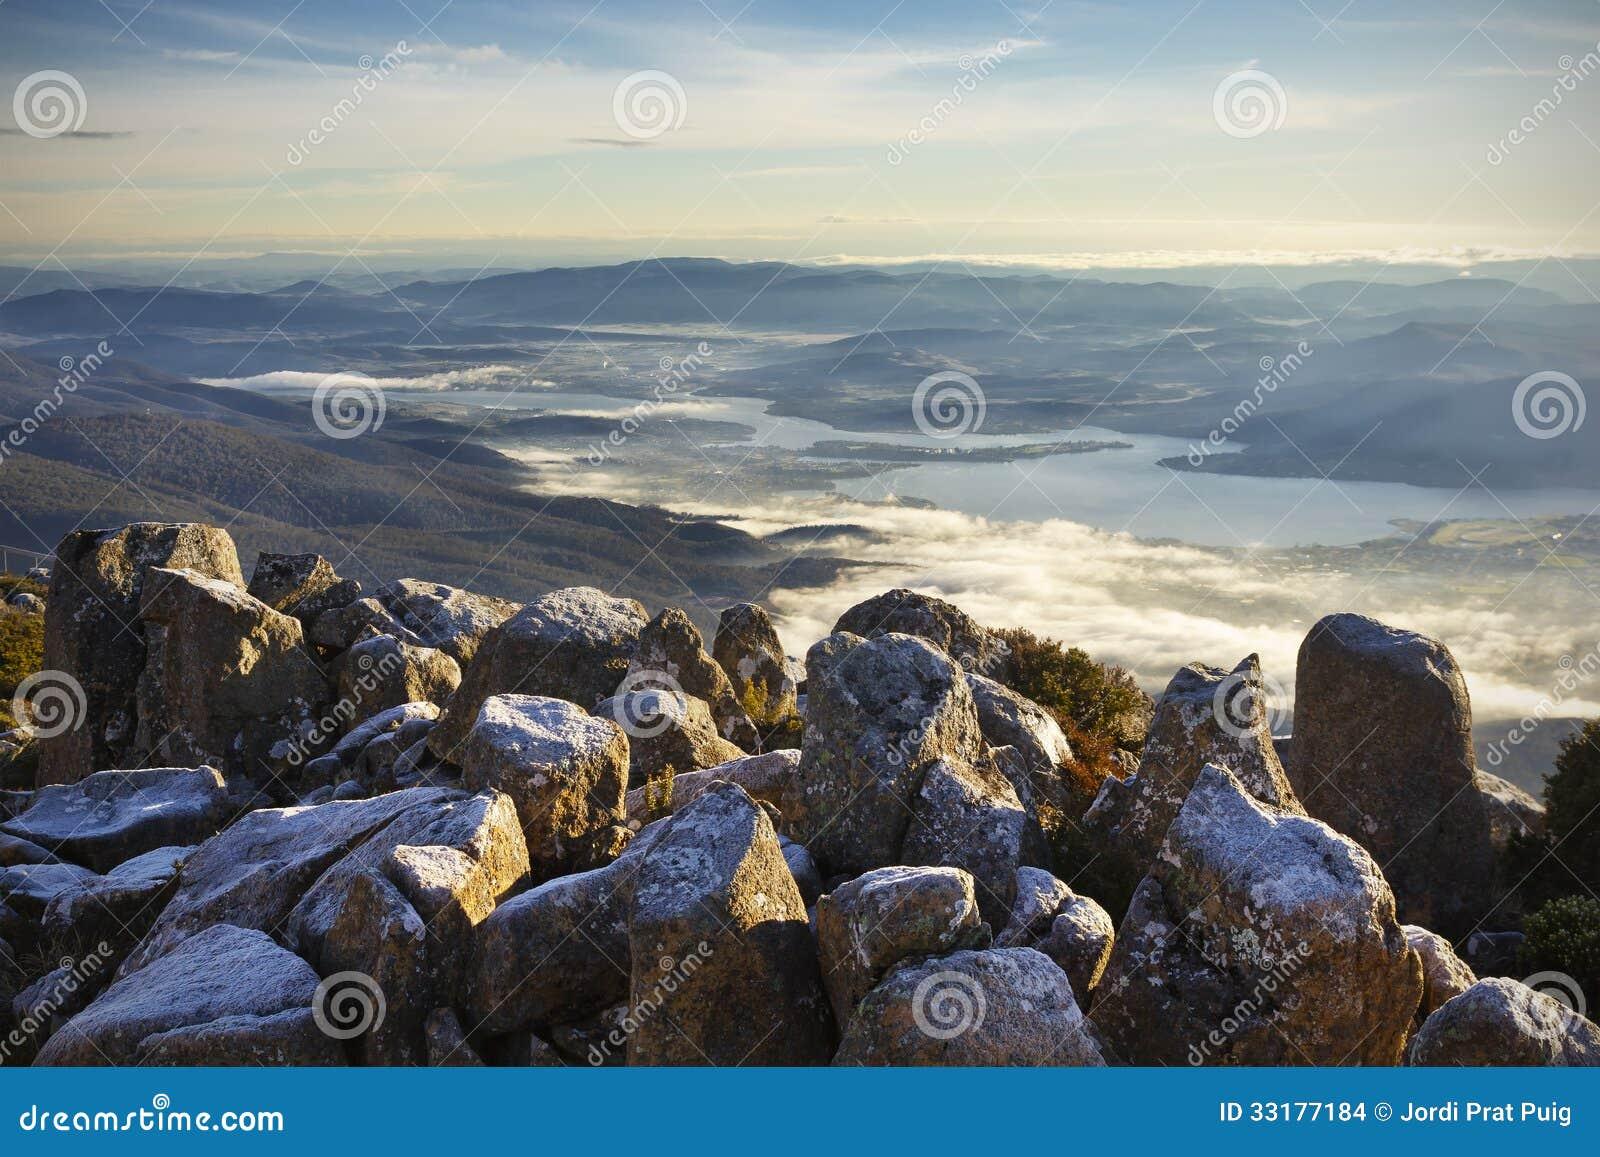 Tasmanian Landscape Stock Images - Image: 33177184